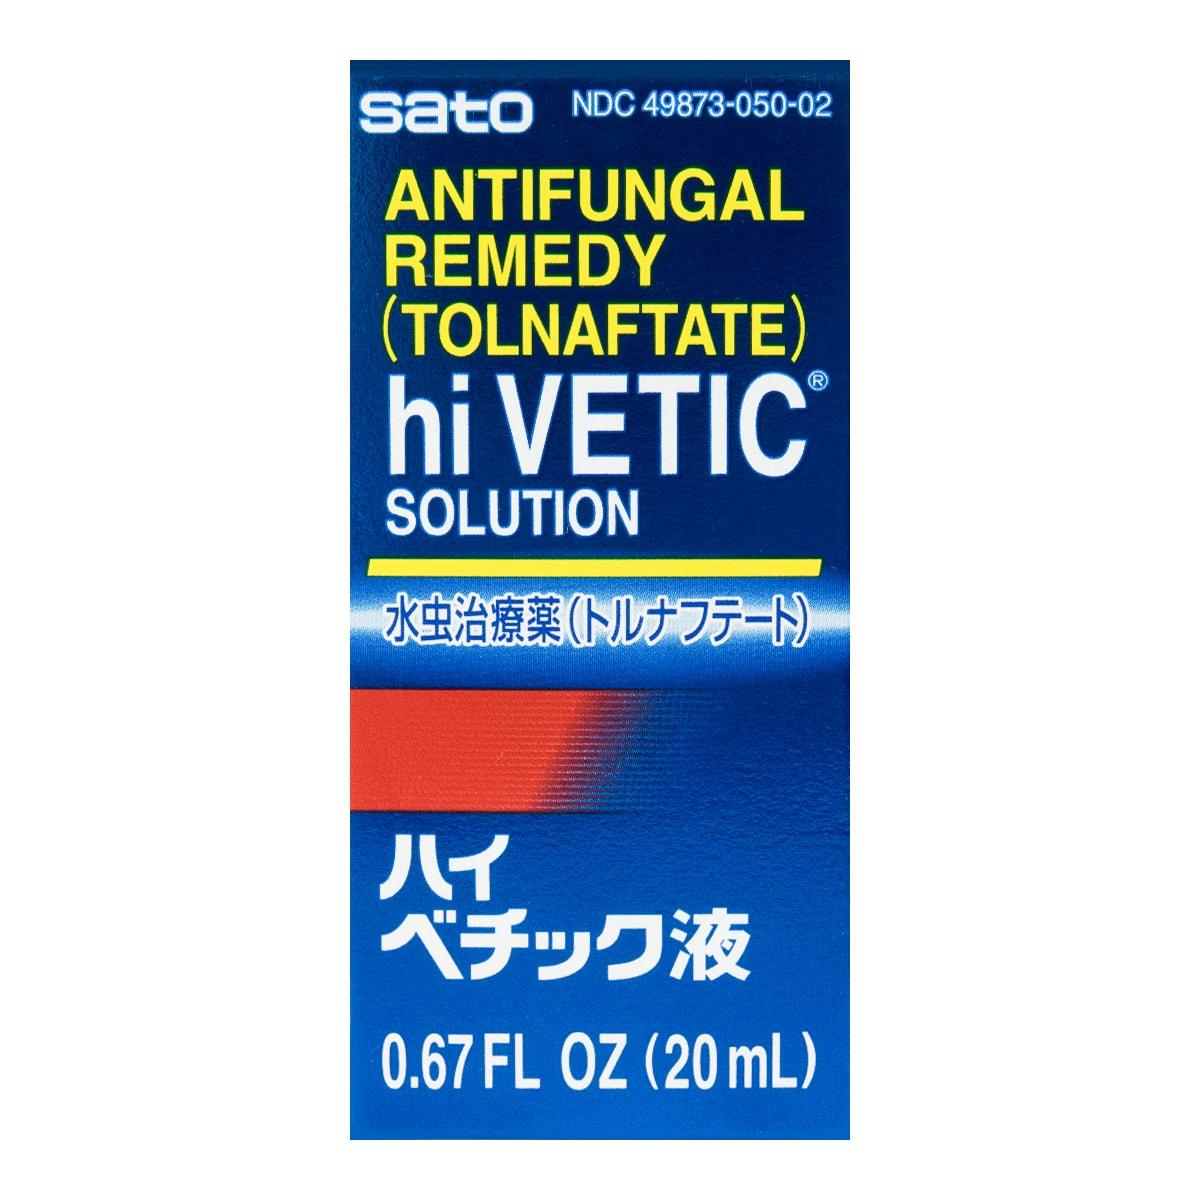 日本SATO佐藤 HI VETIC 脚气软液 20ml  抗细菌改善潮湿脚气及皮肤症状